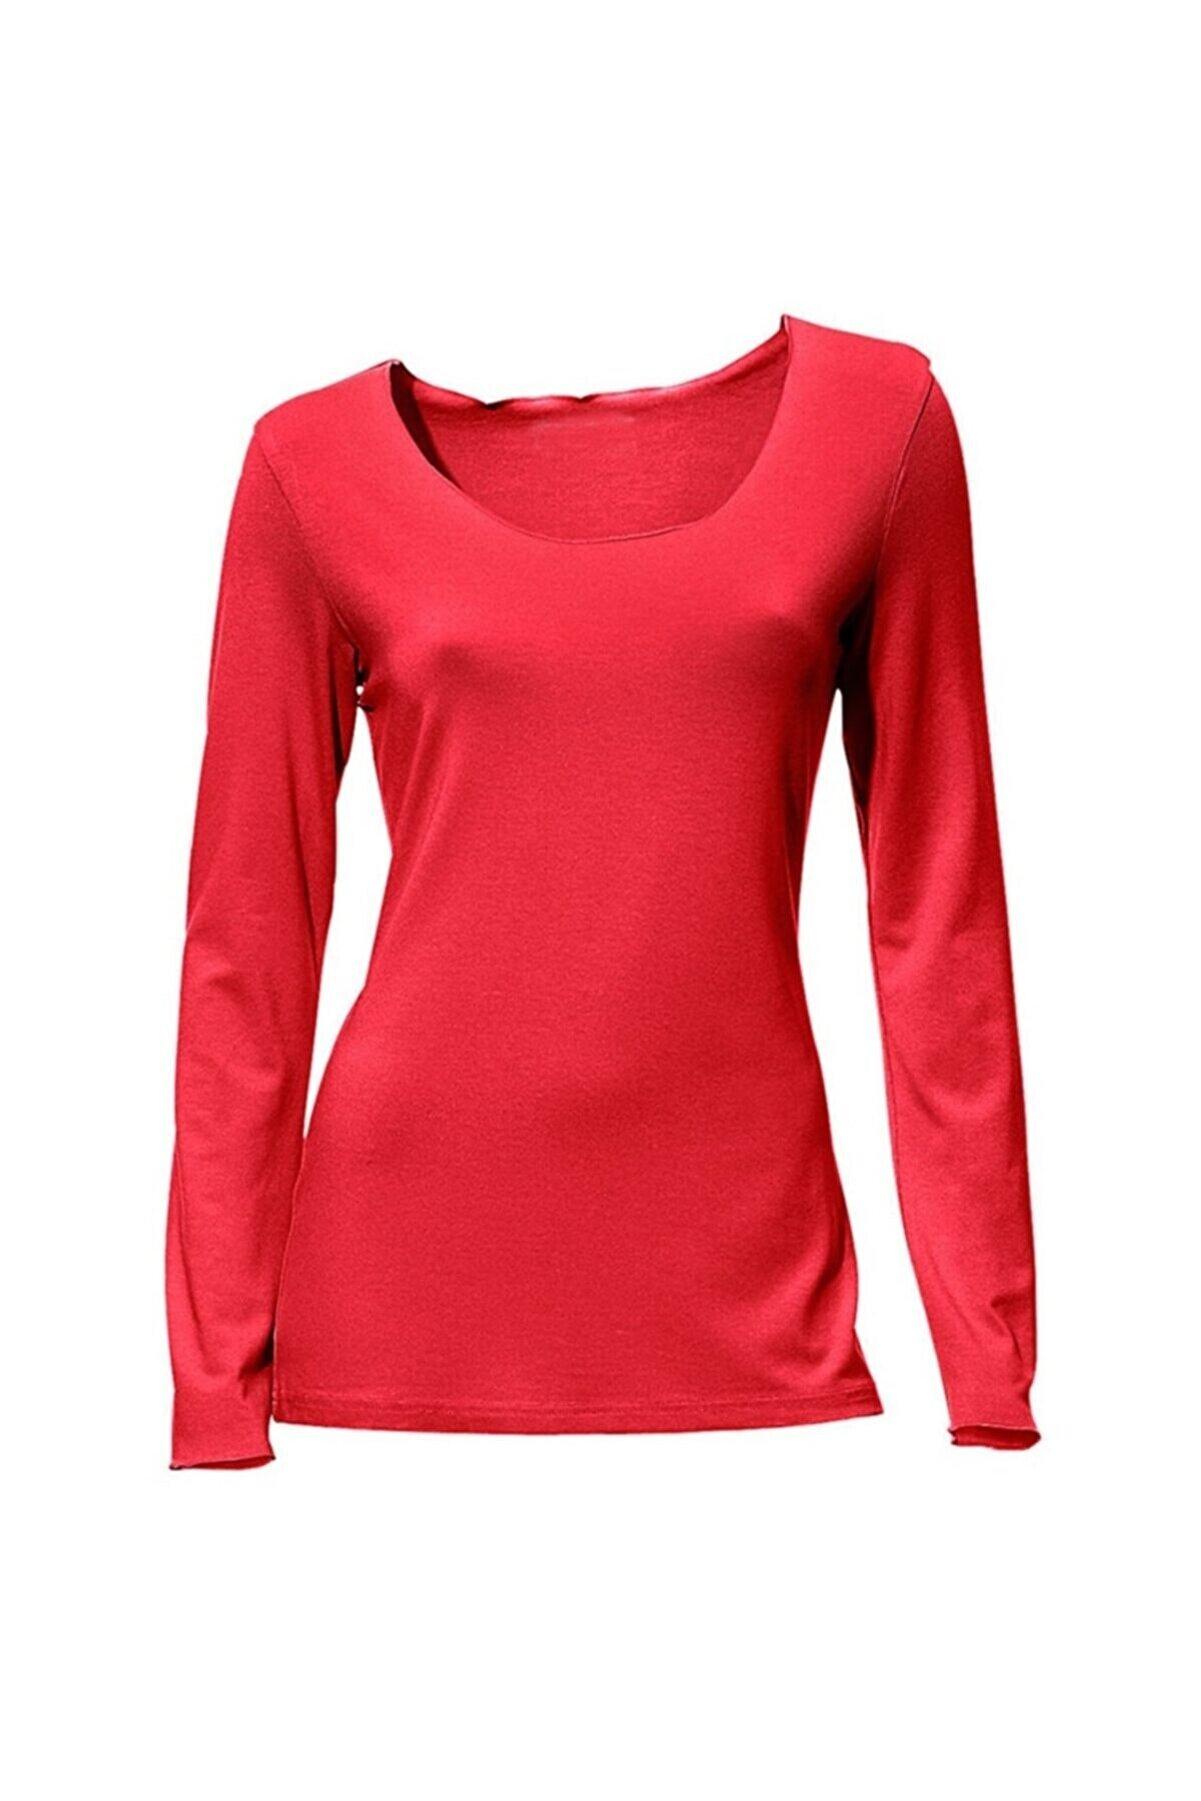 Bulalgiy Kadın Kırmızı Basic Uzun Kollu Tişört - Bga008243